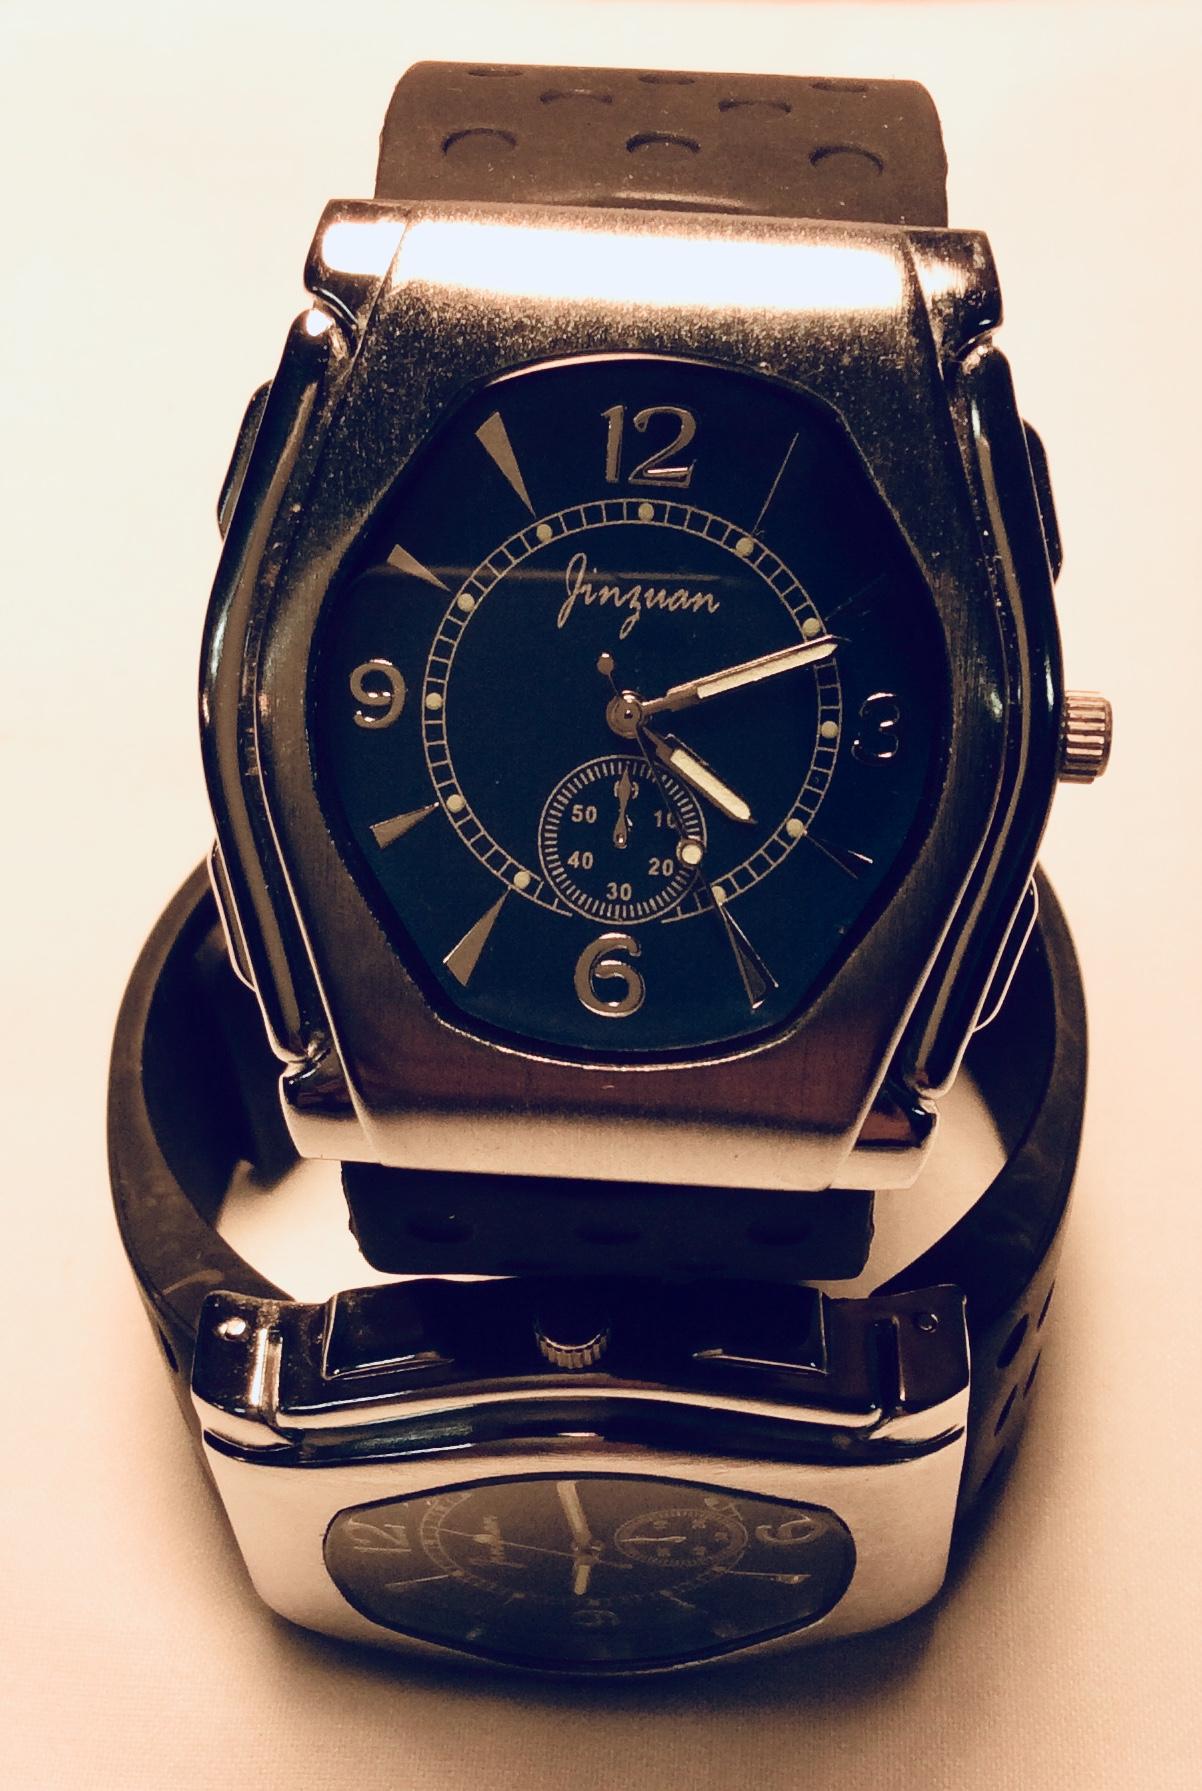 Steel frame watch